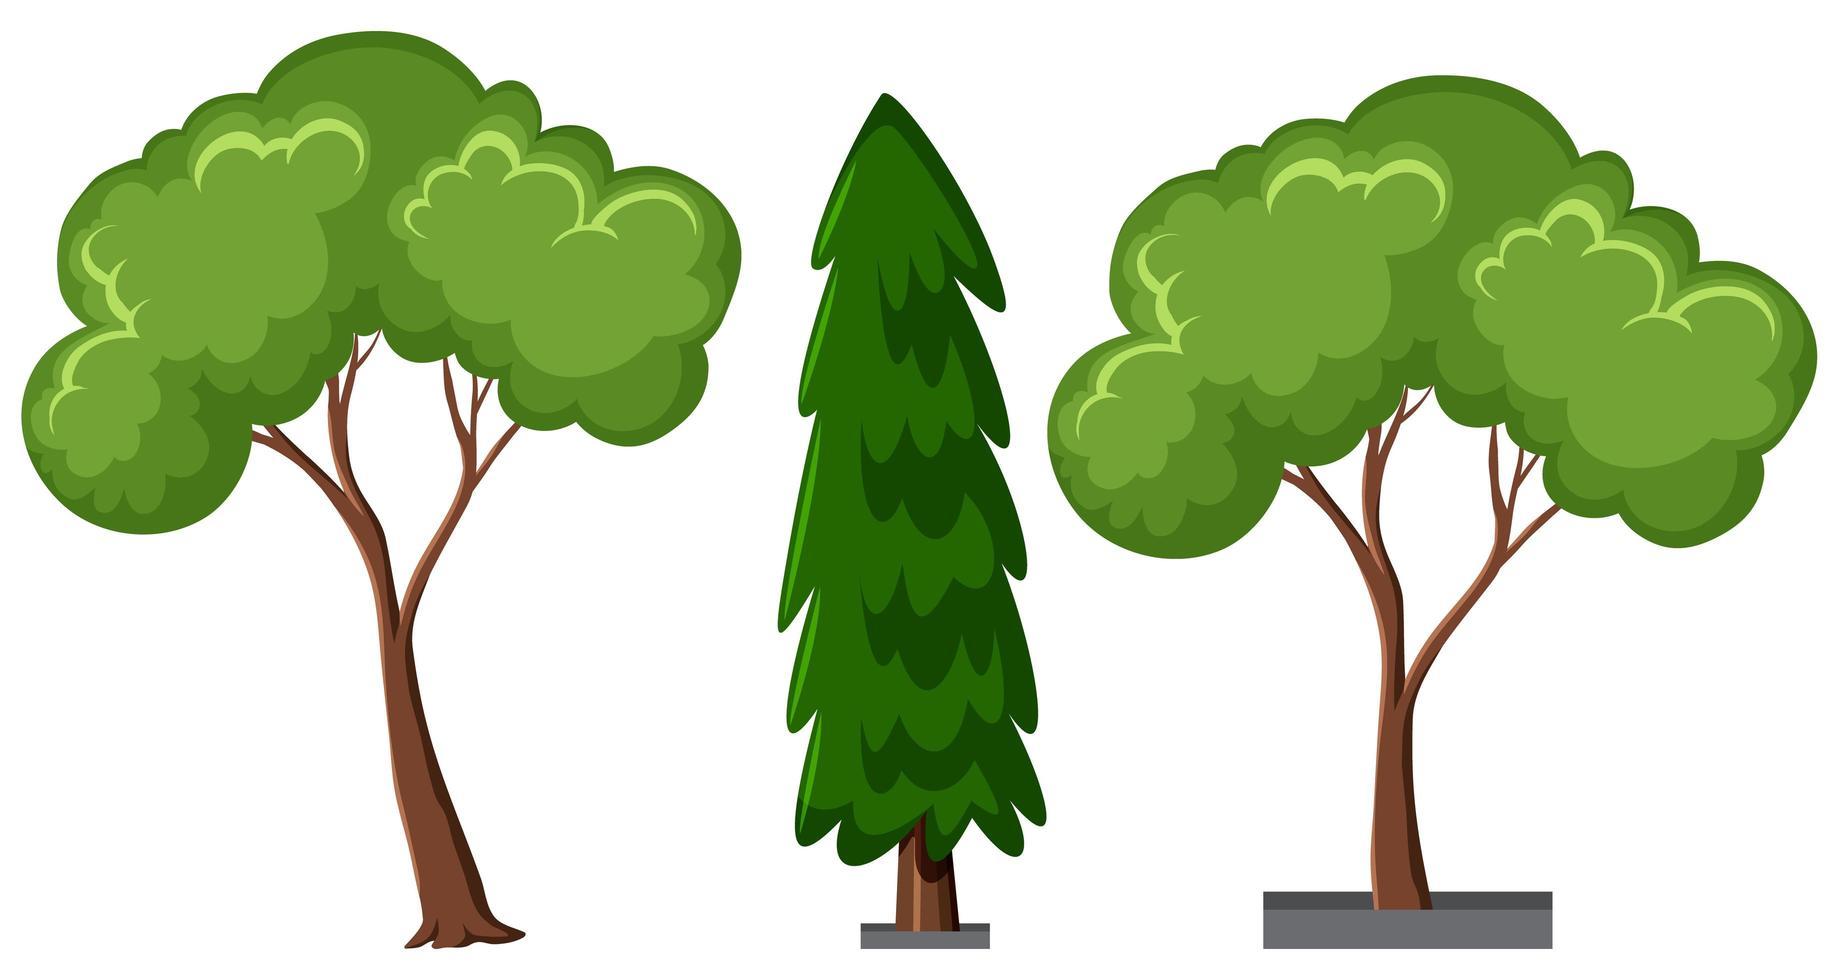 conjunto de diferentes árvores isoladas no fundo branco vetor